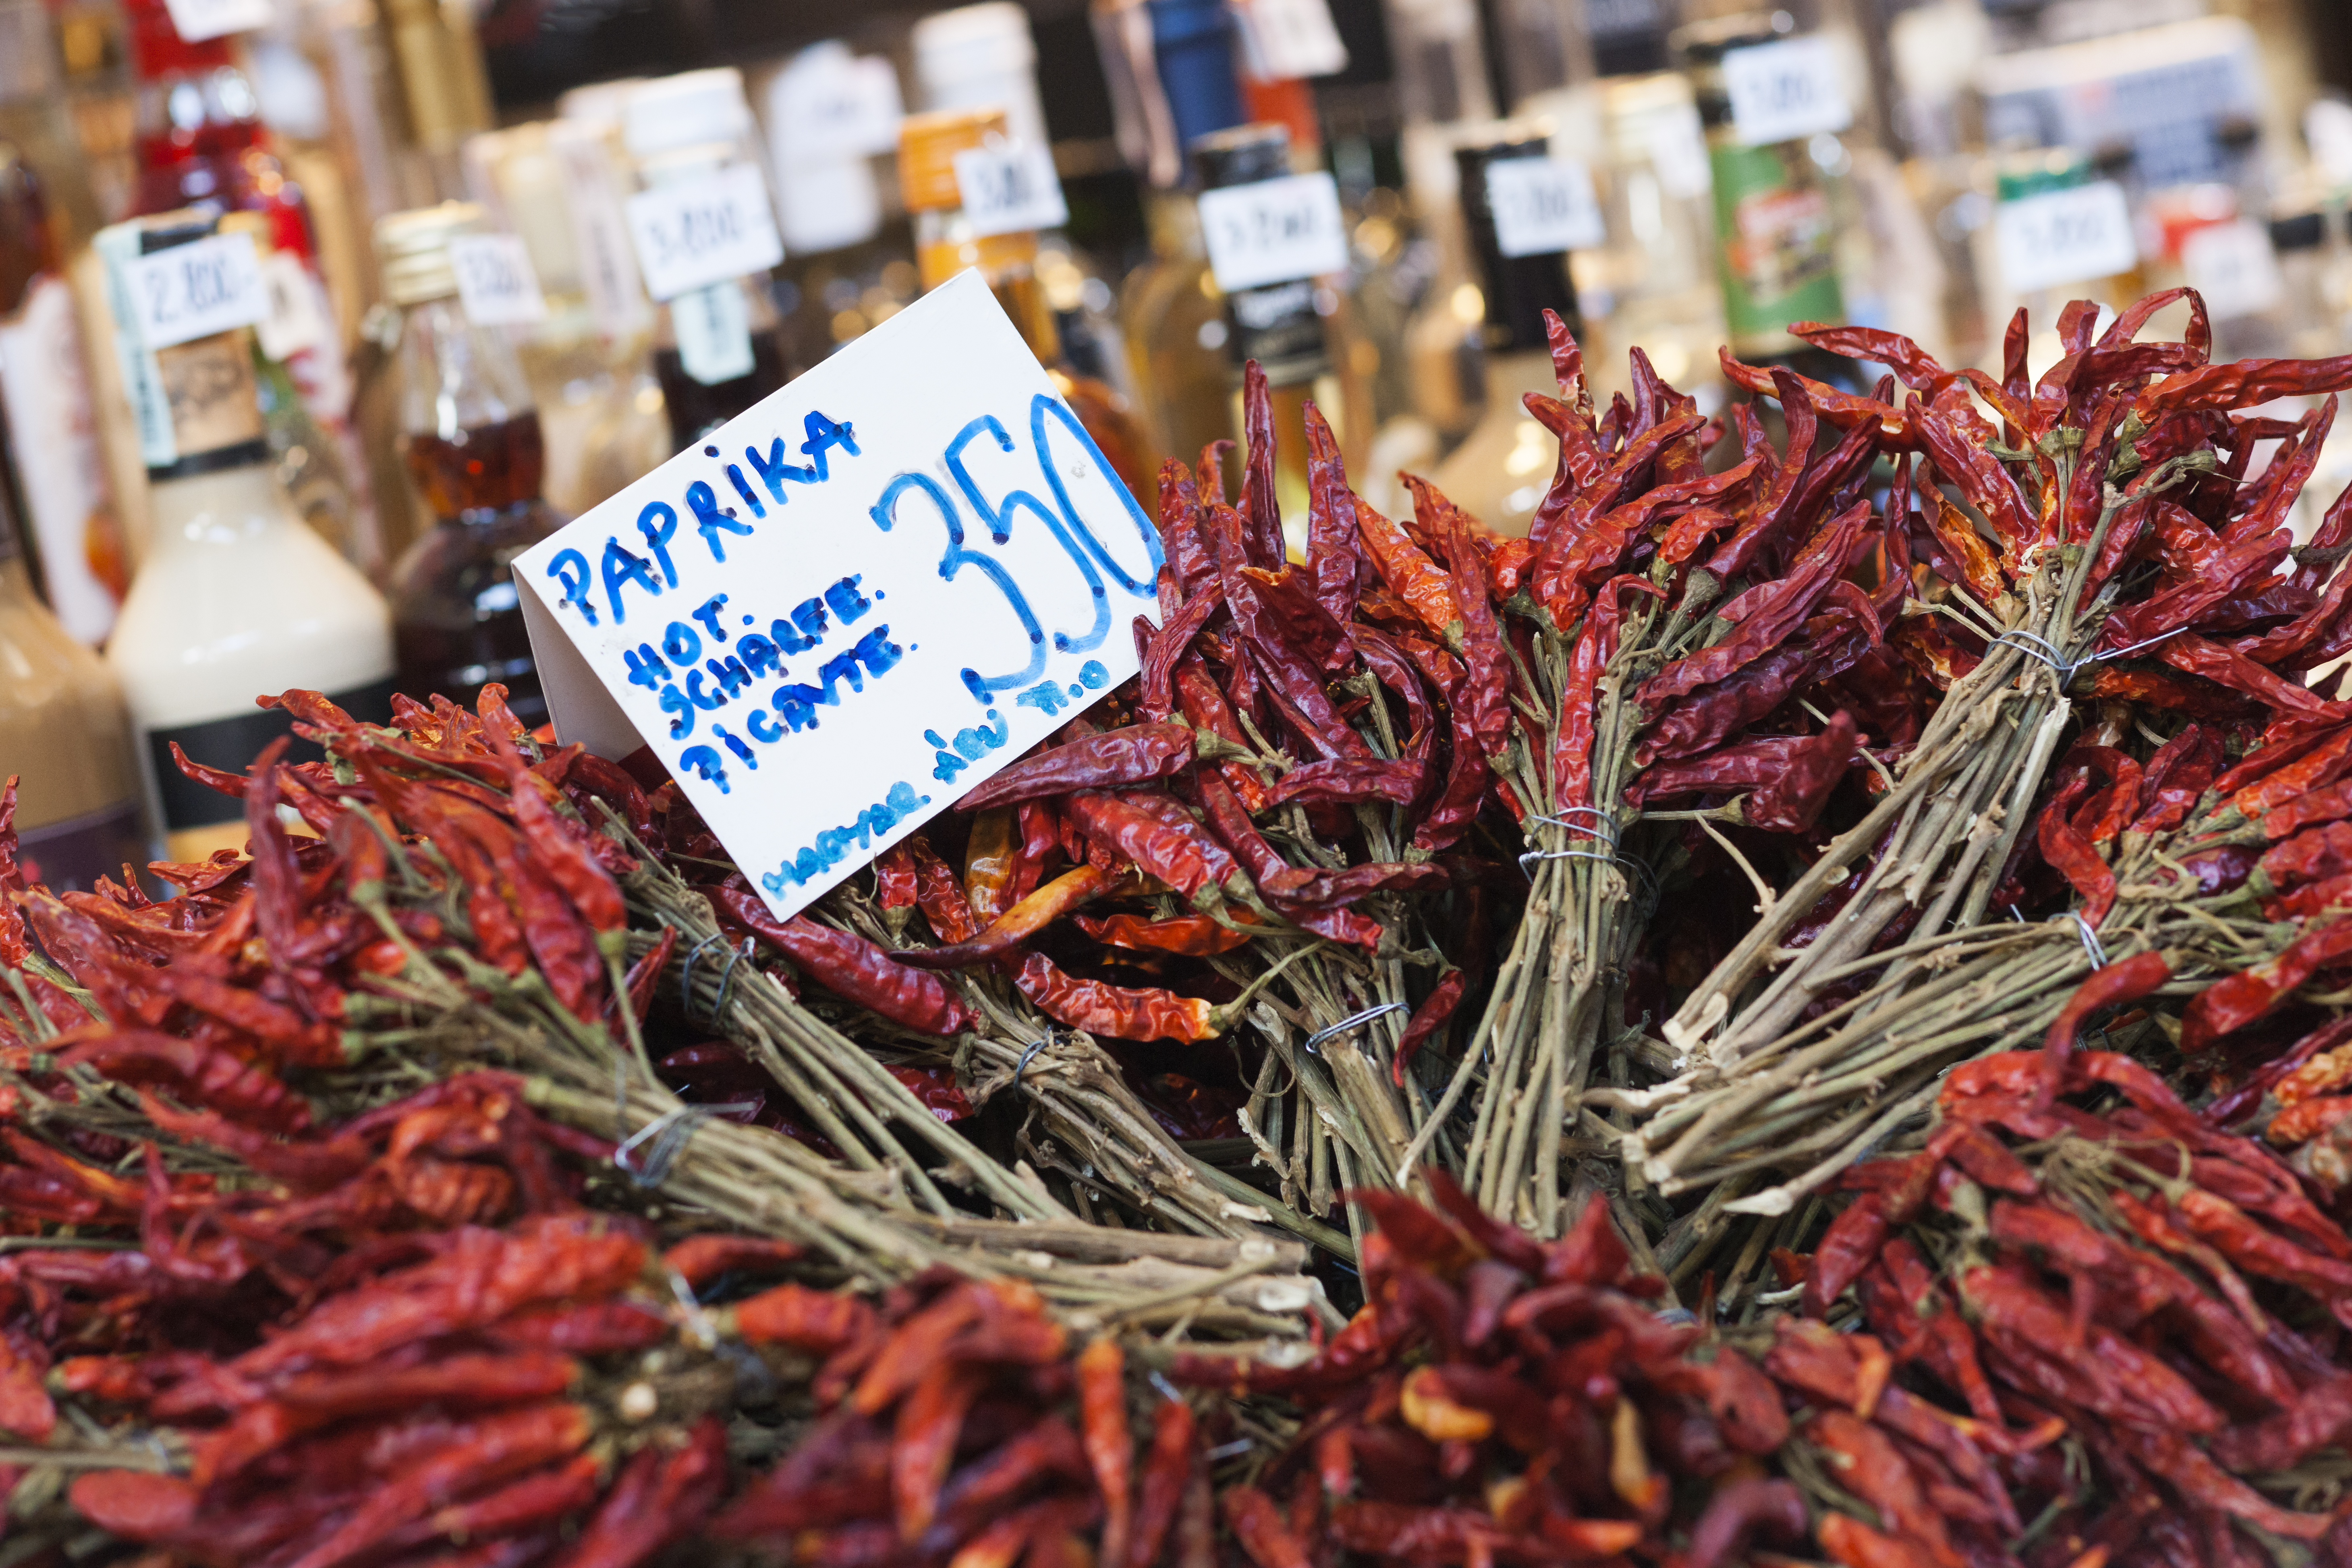 Descubre los olores y sabores del Mercado Central de Budapest - Austria Circuito Capitales Imperiales: de Viena a Praga